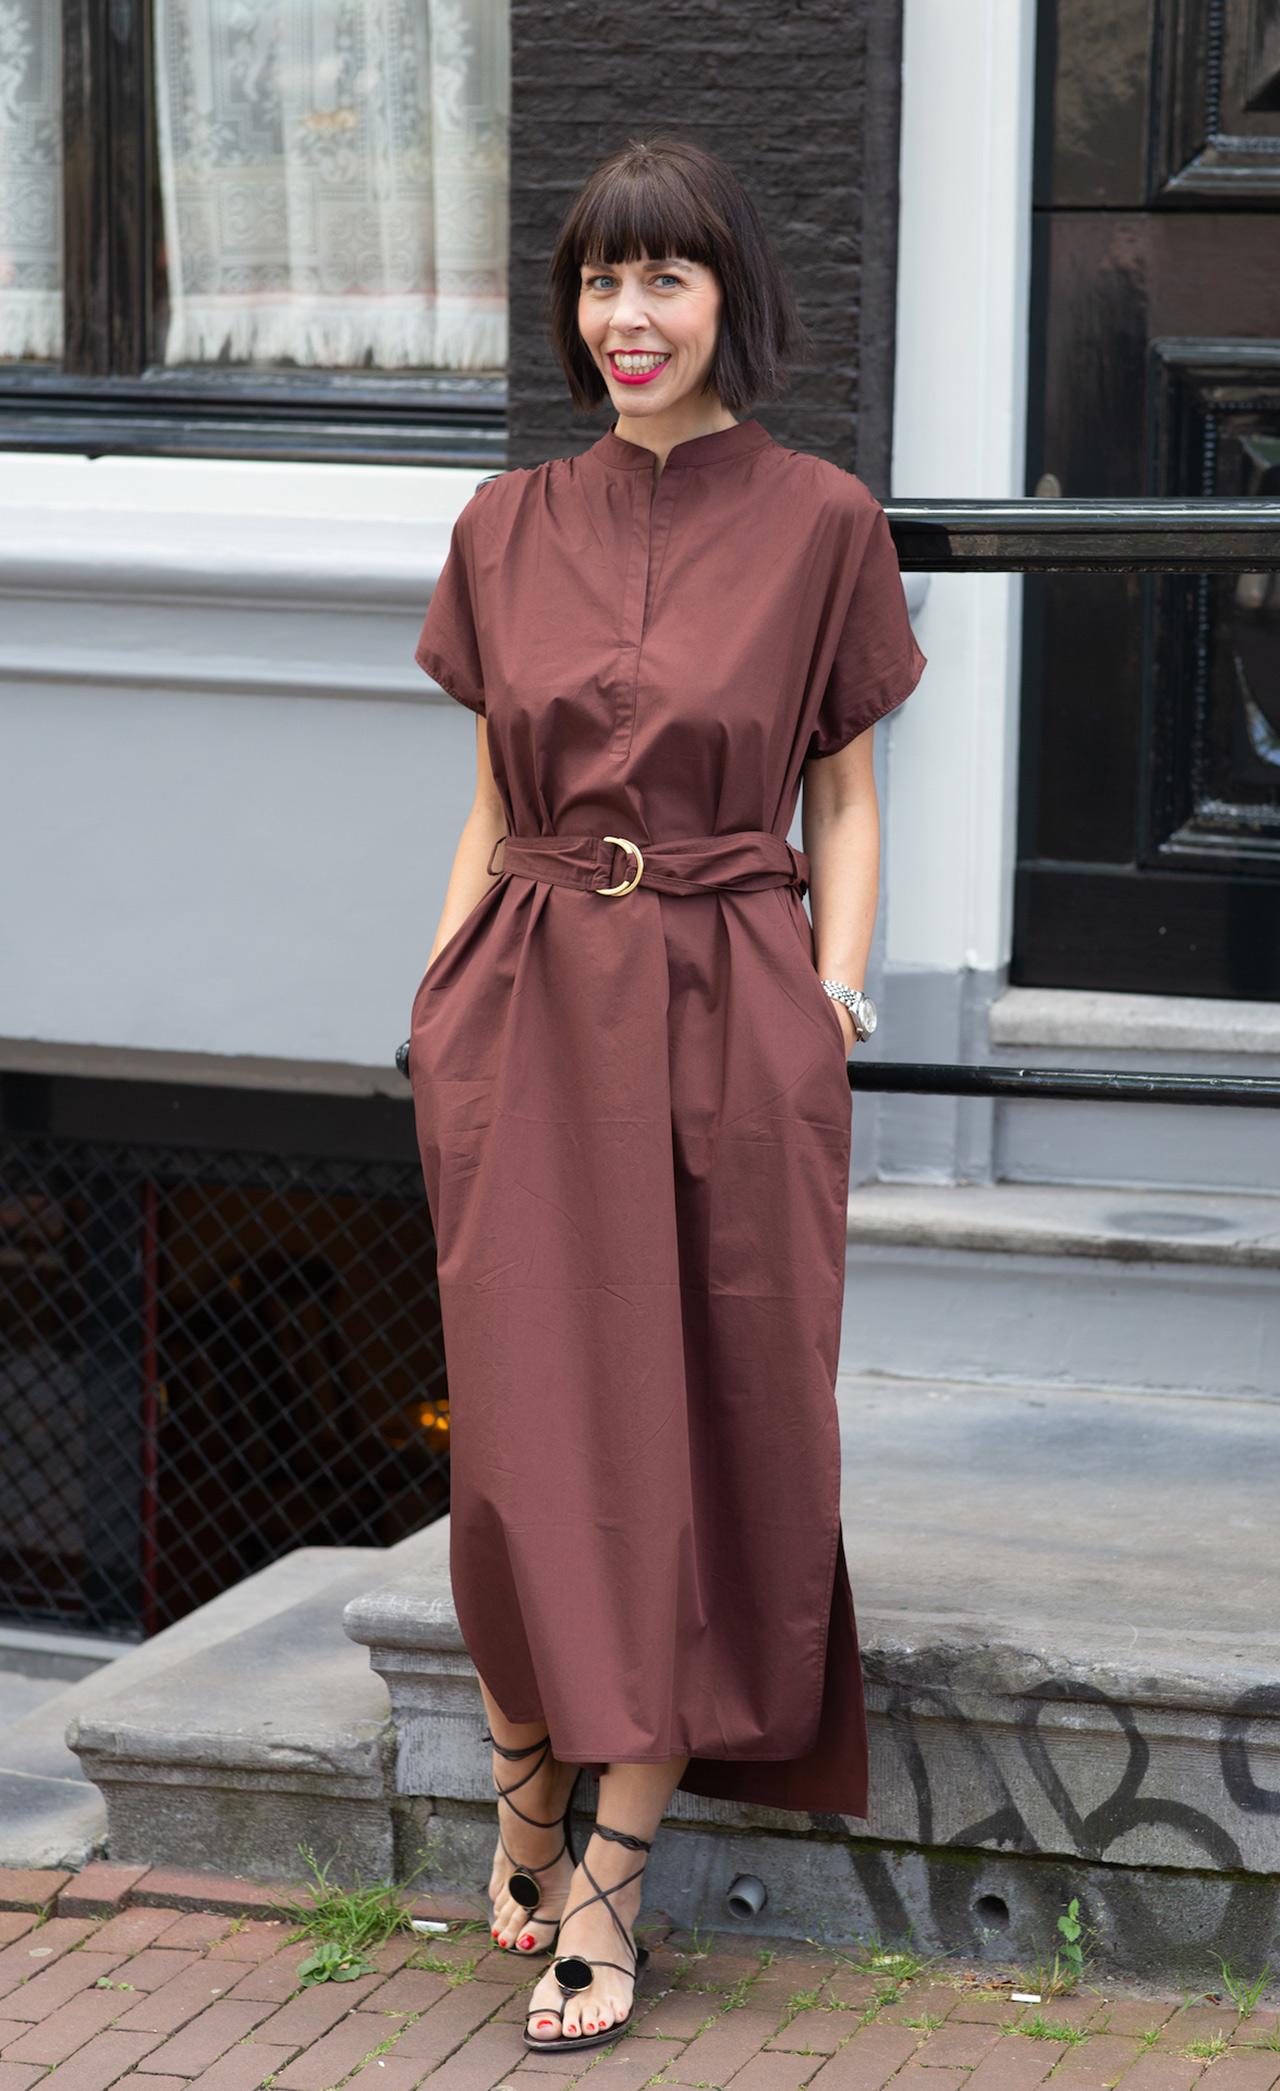 Trendfarbe Braun kombinieren - Frau mit Longbob und einem Sommerkleid in der Farbe Braun